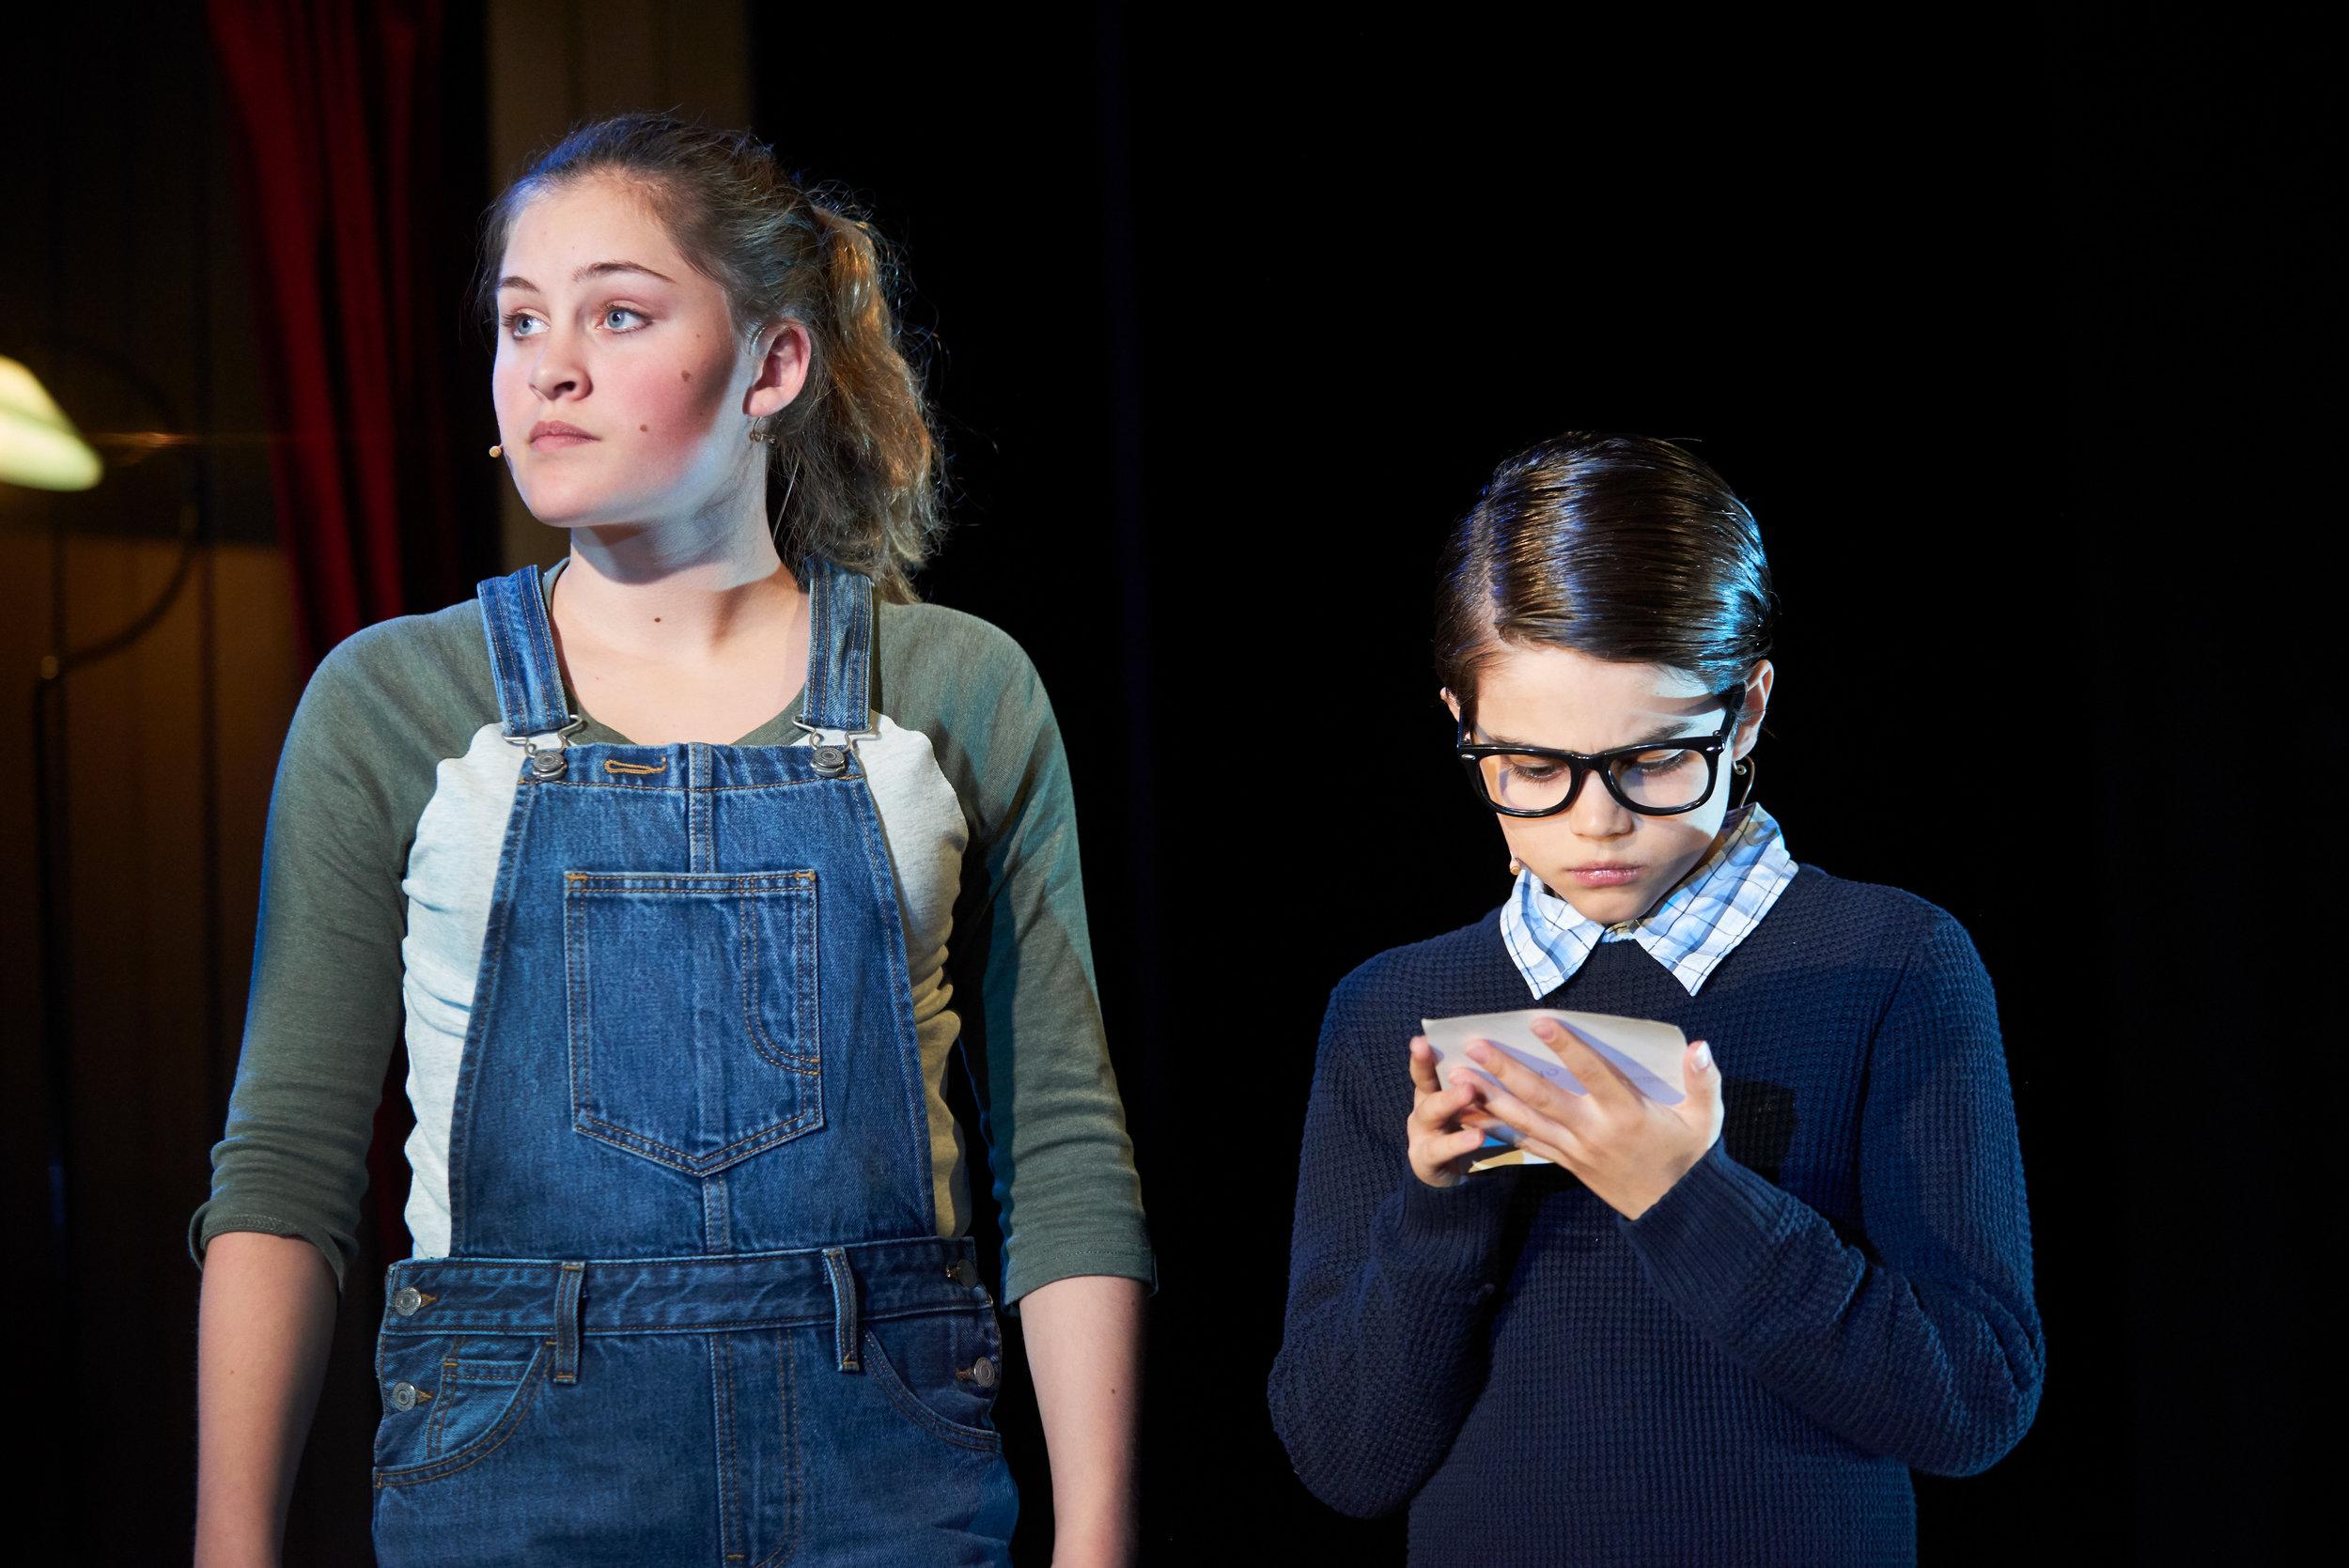 Modige Nina (Tirill Gillies) og hennes engstelige bror Anton (Kristoffer Øverby) vil hjelpe mannen som har fått frastjålet hjertet sitt.